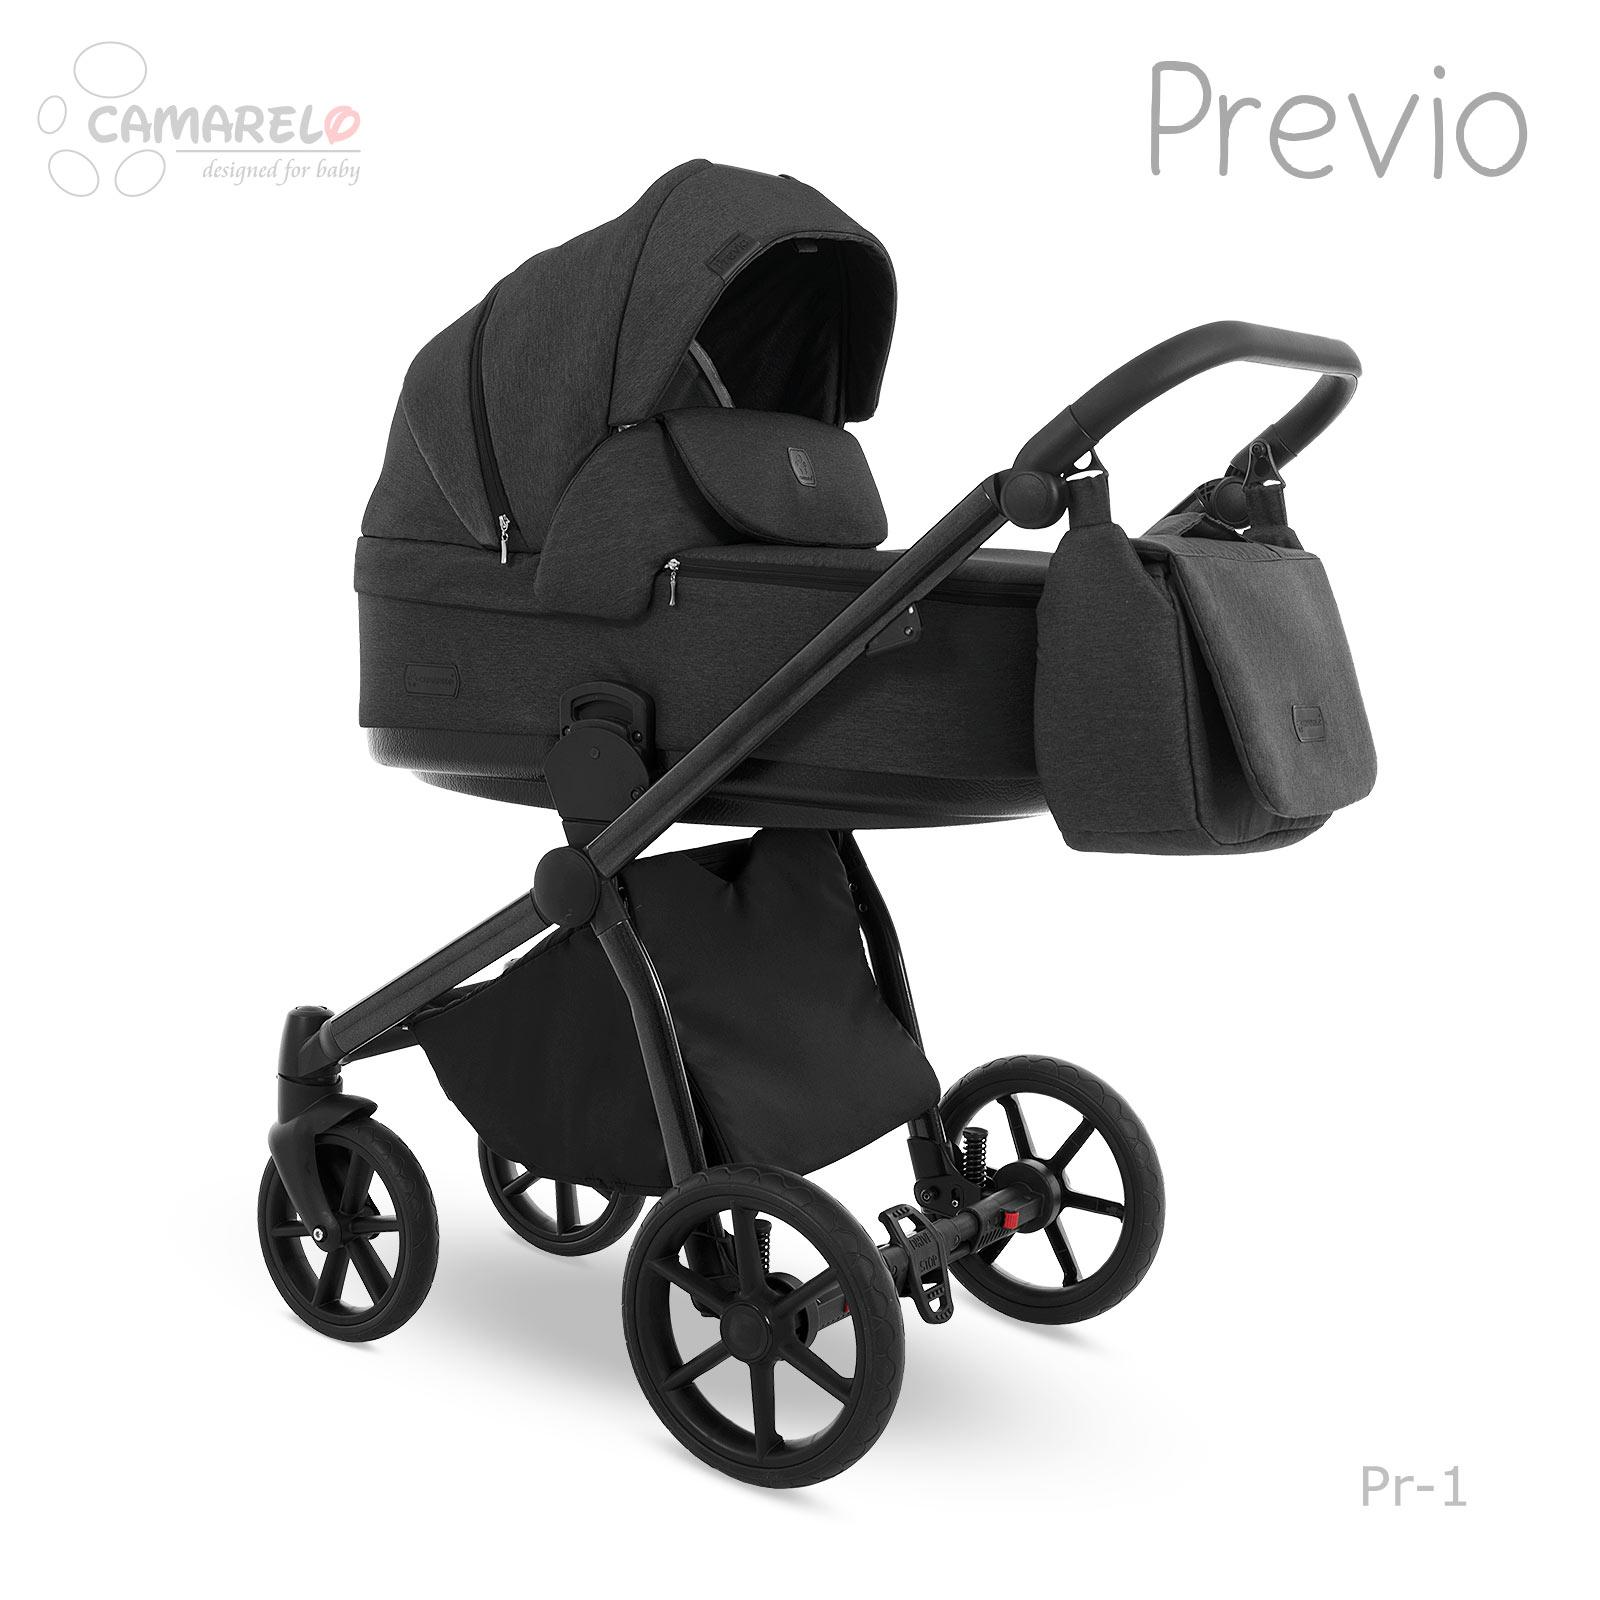 Camarelo Previo Pr-01 | Kolica za bebe, bebi oprema Bebbco